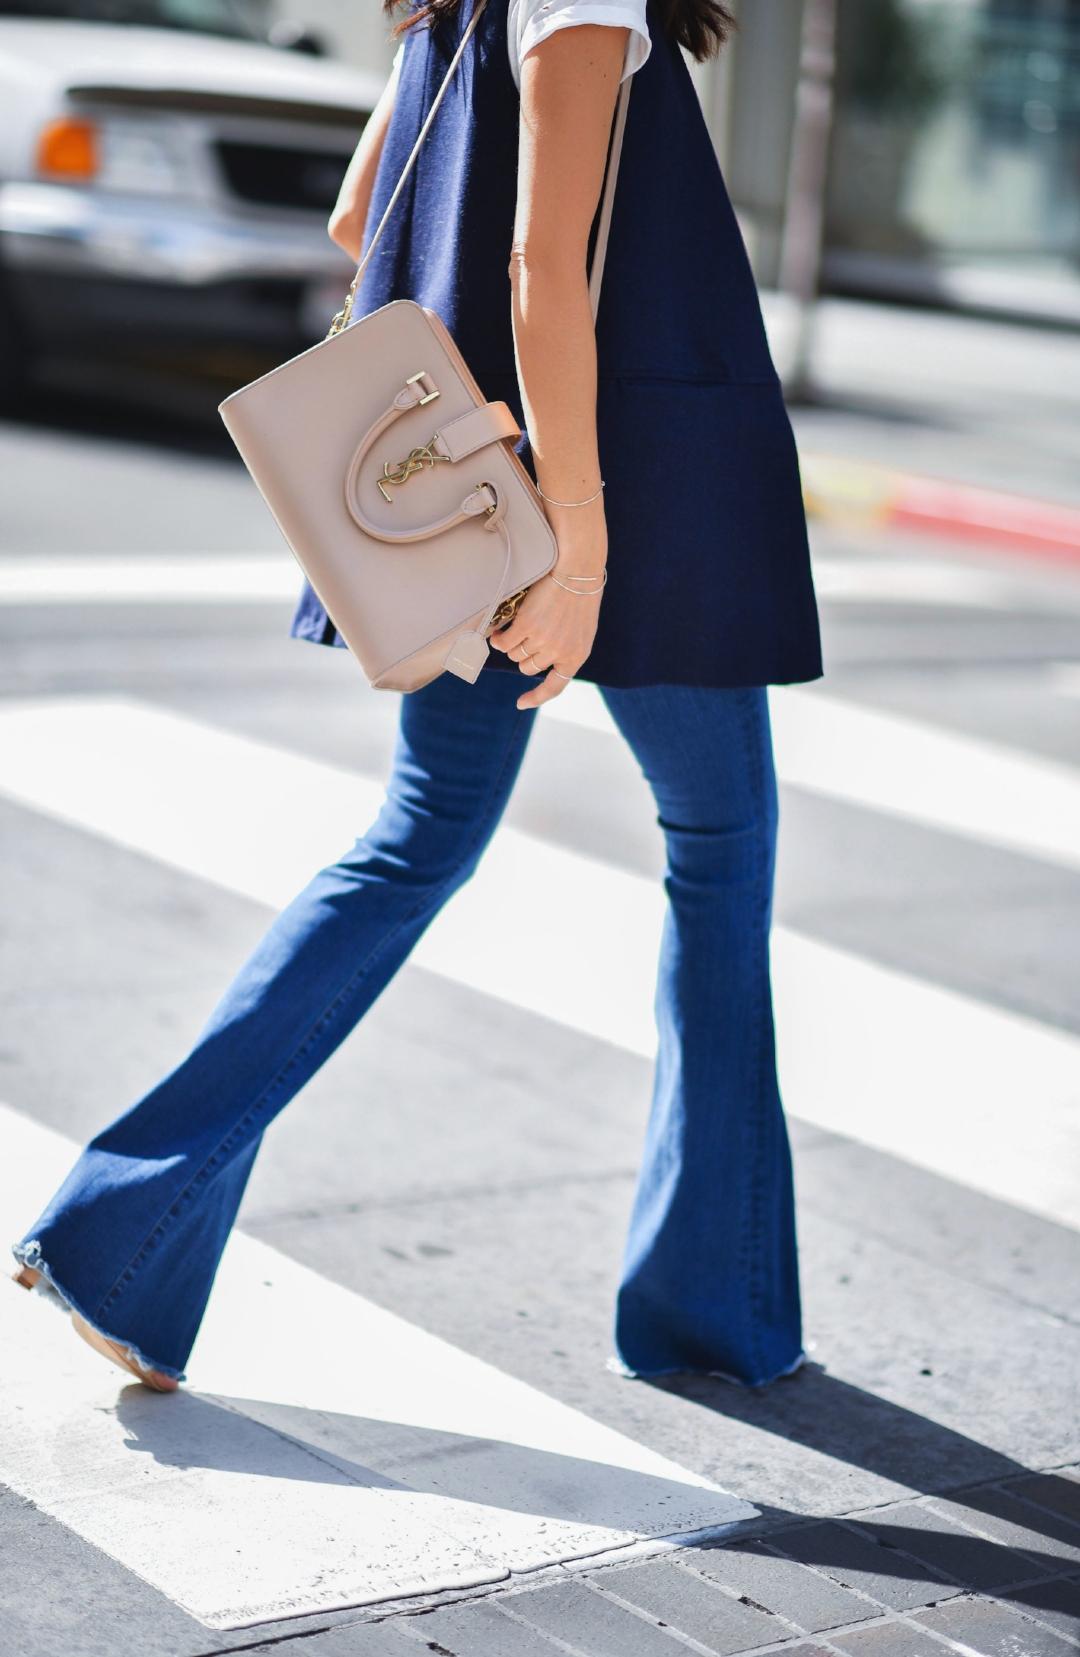 Mcguire-Flare-Jeans-and Saint-Laurent-Shoulder-Bag.jpg